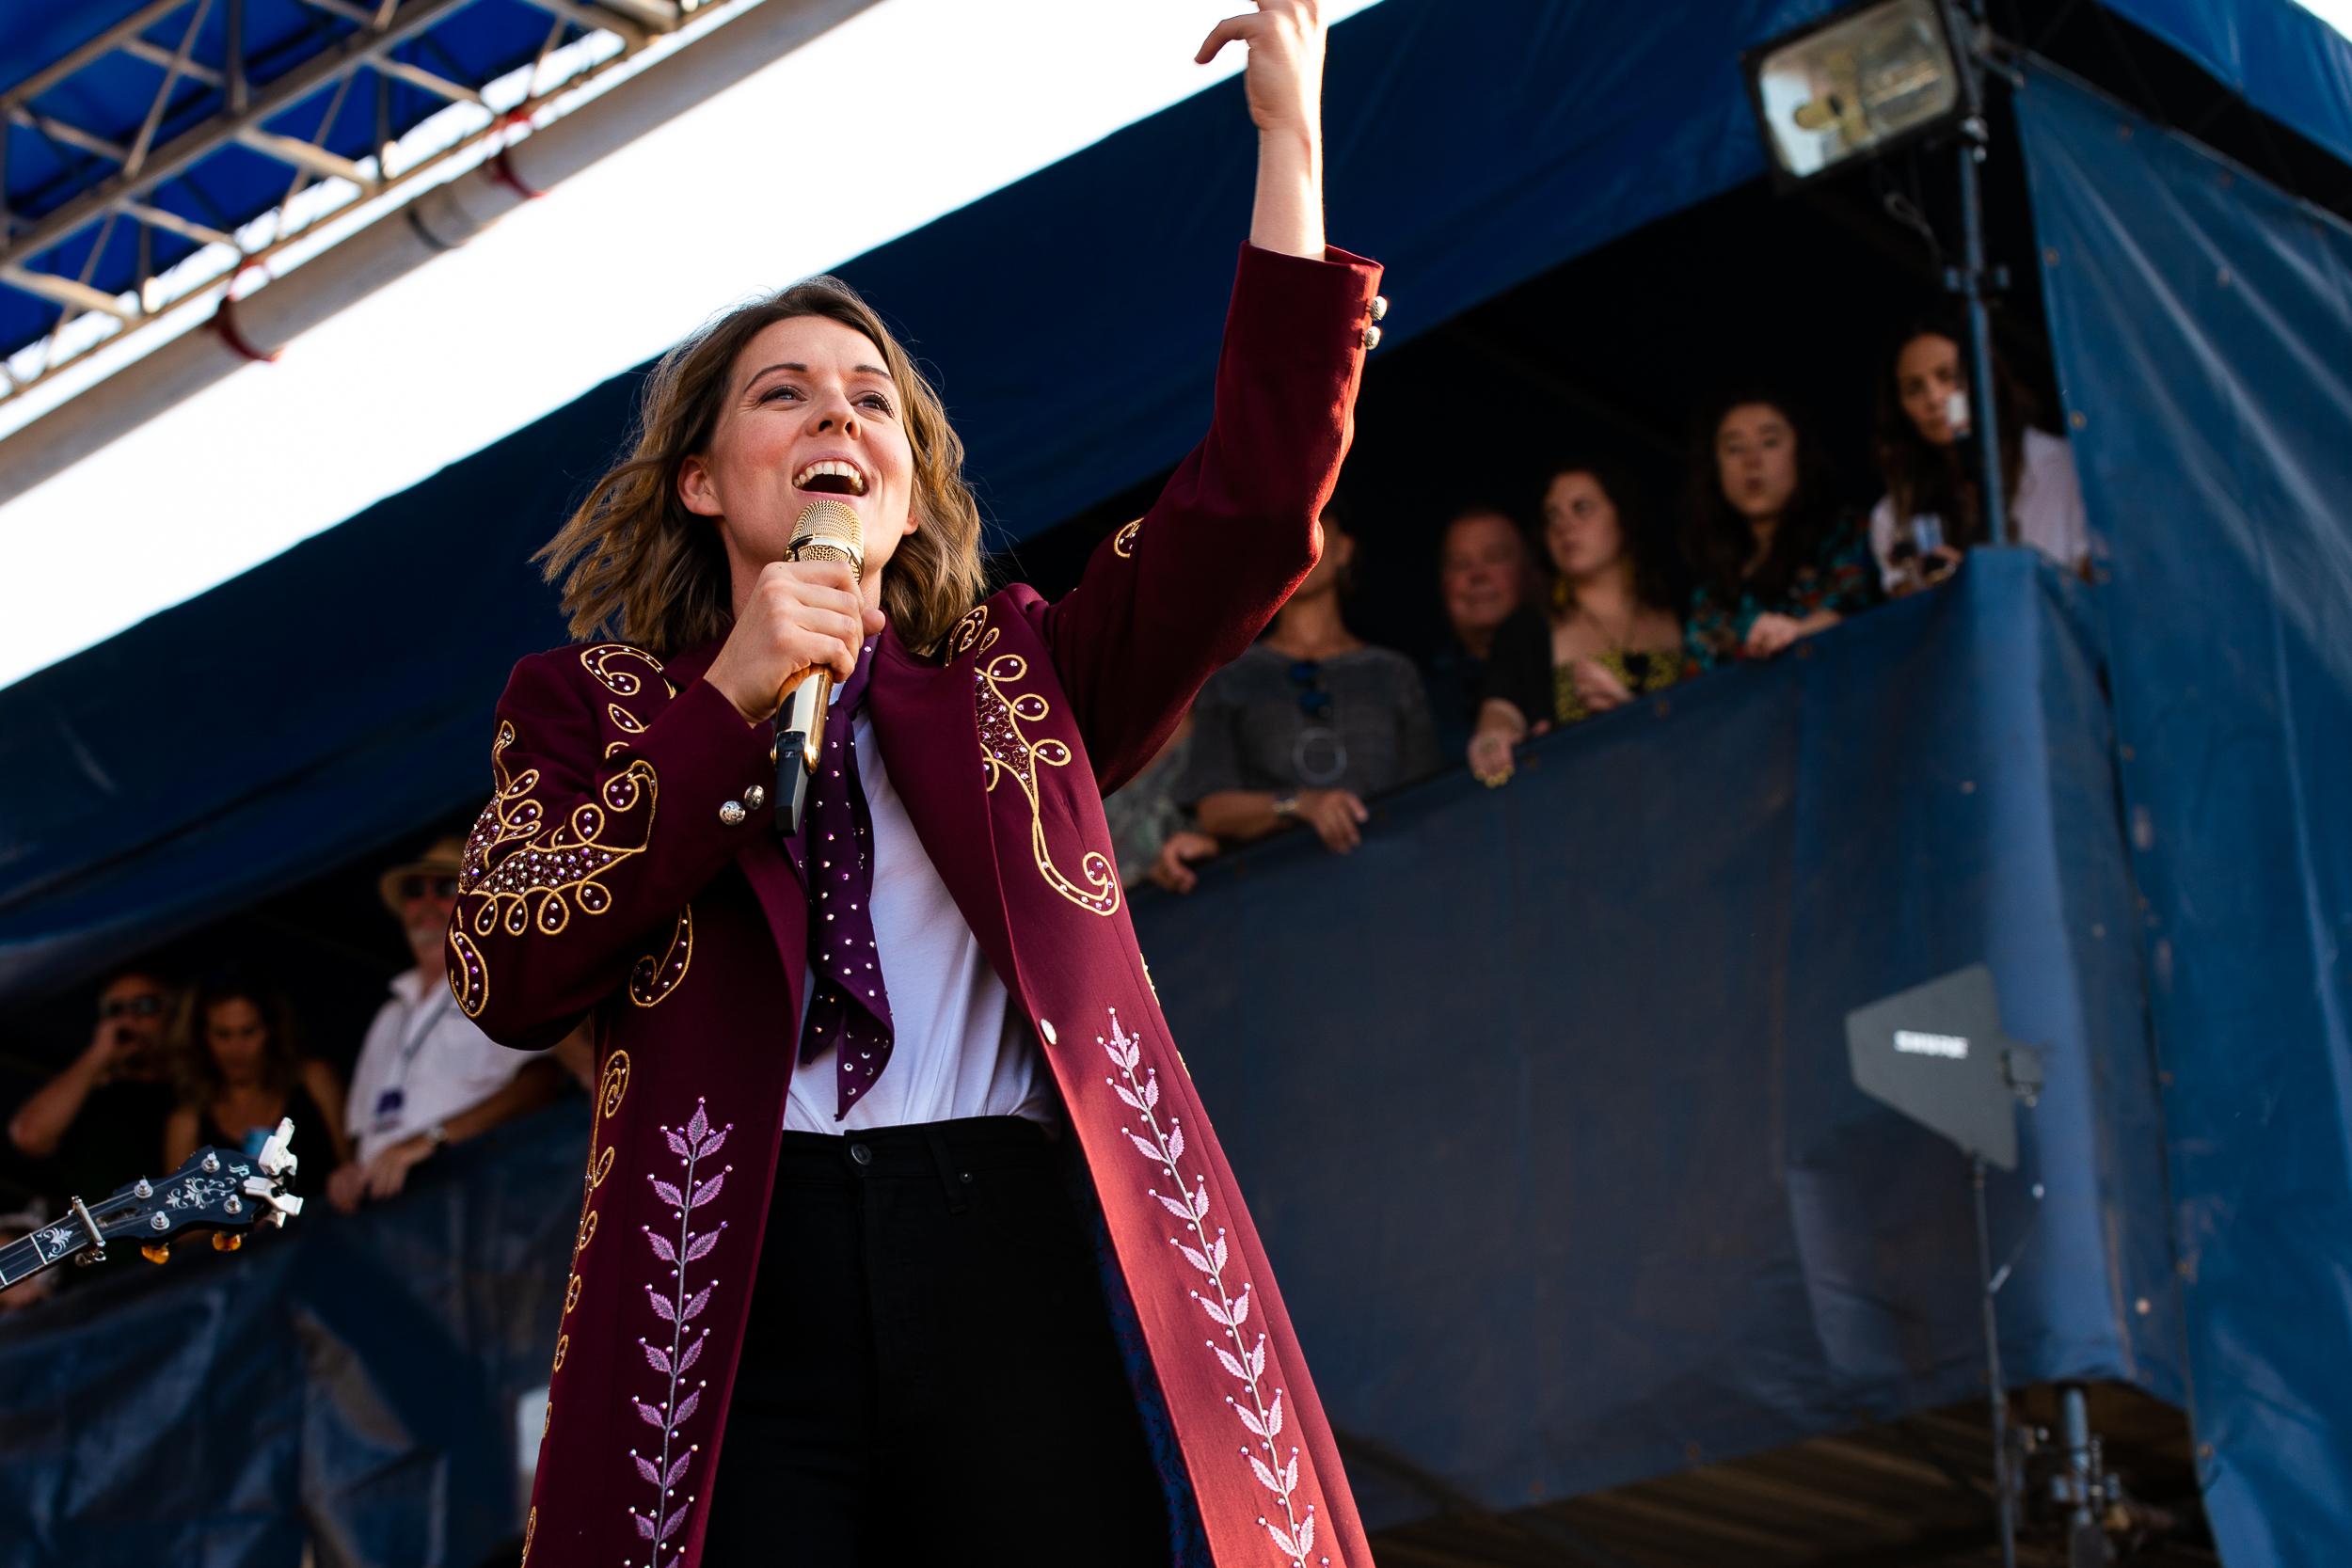 Brandi Carlile at Newport Folk Festival (Photo by Mauricio Castro)